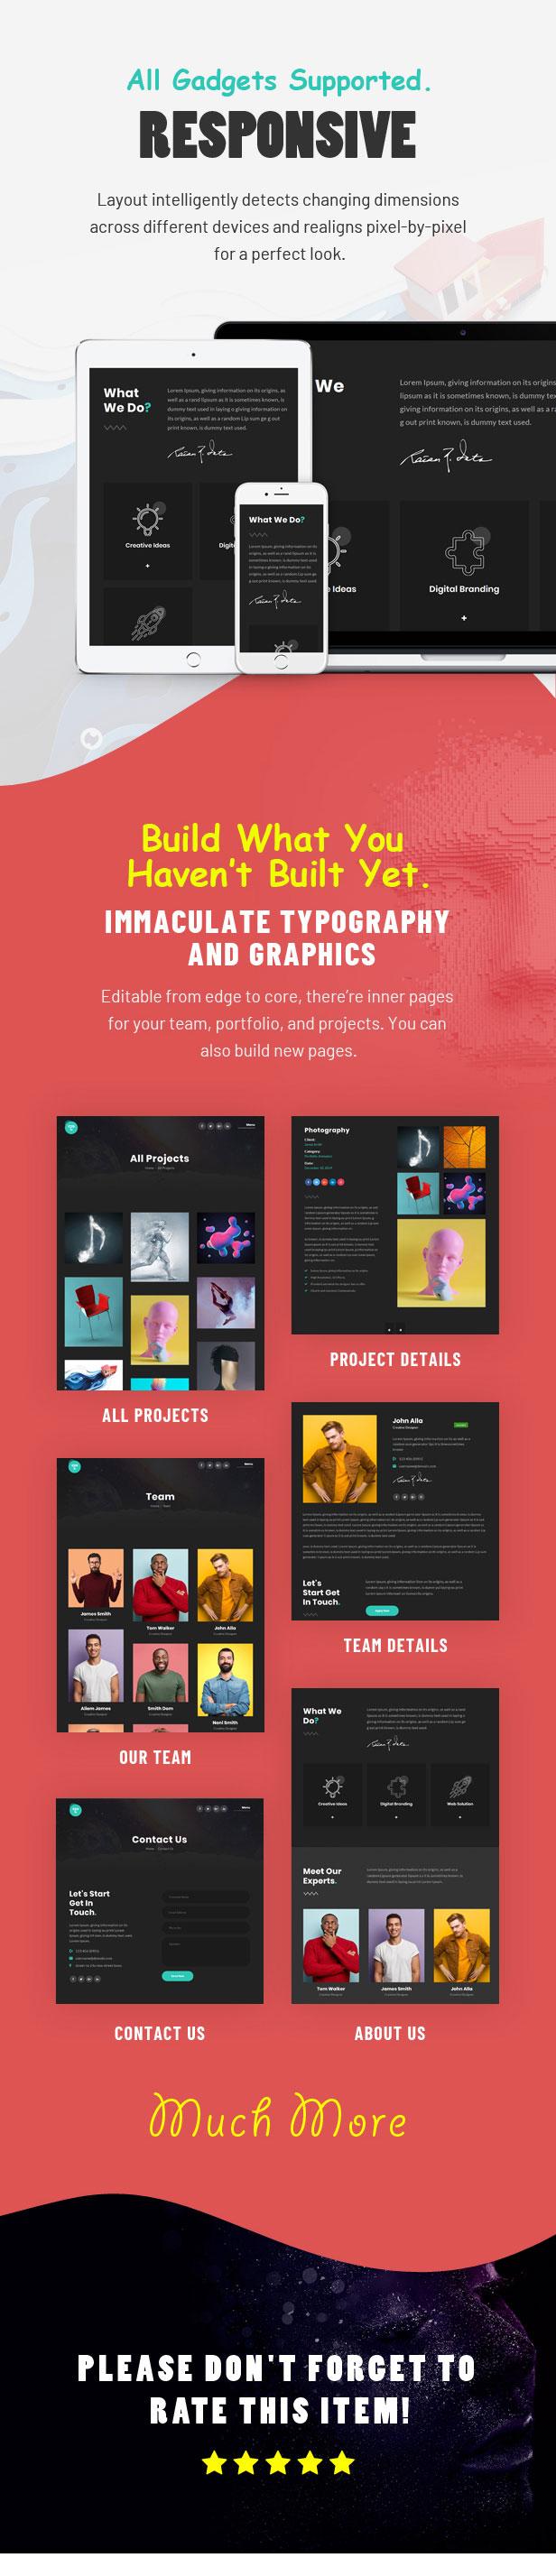 Tacon - A Showcase Portfolio WordPress Theme - 3